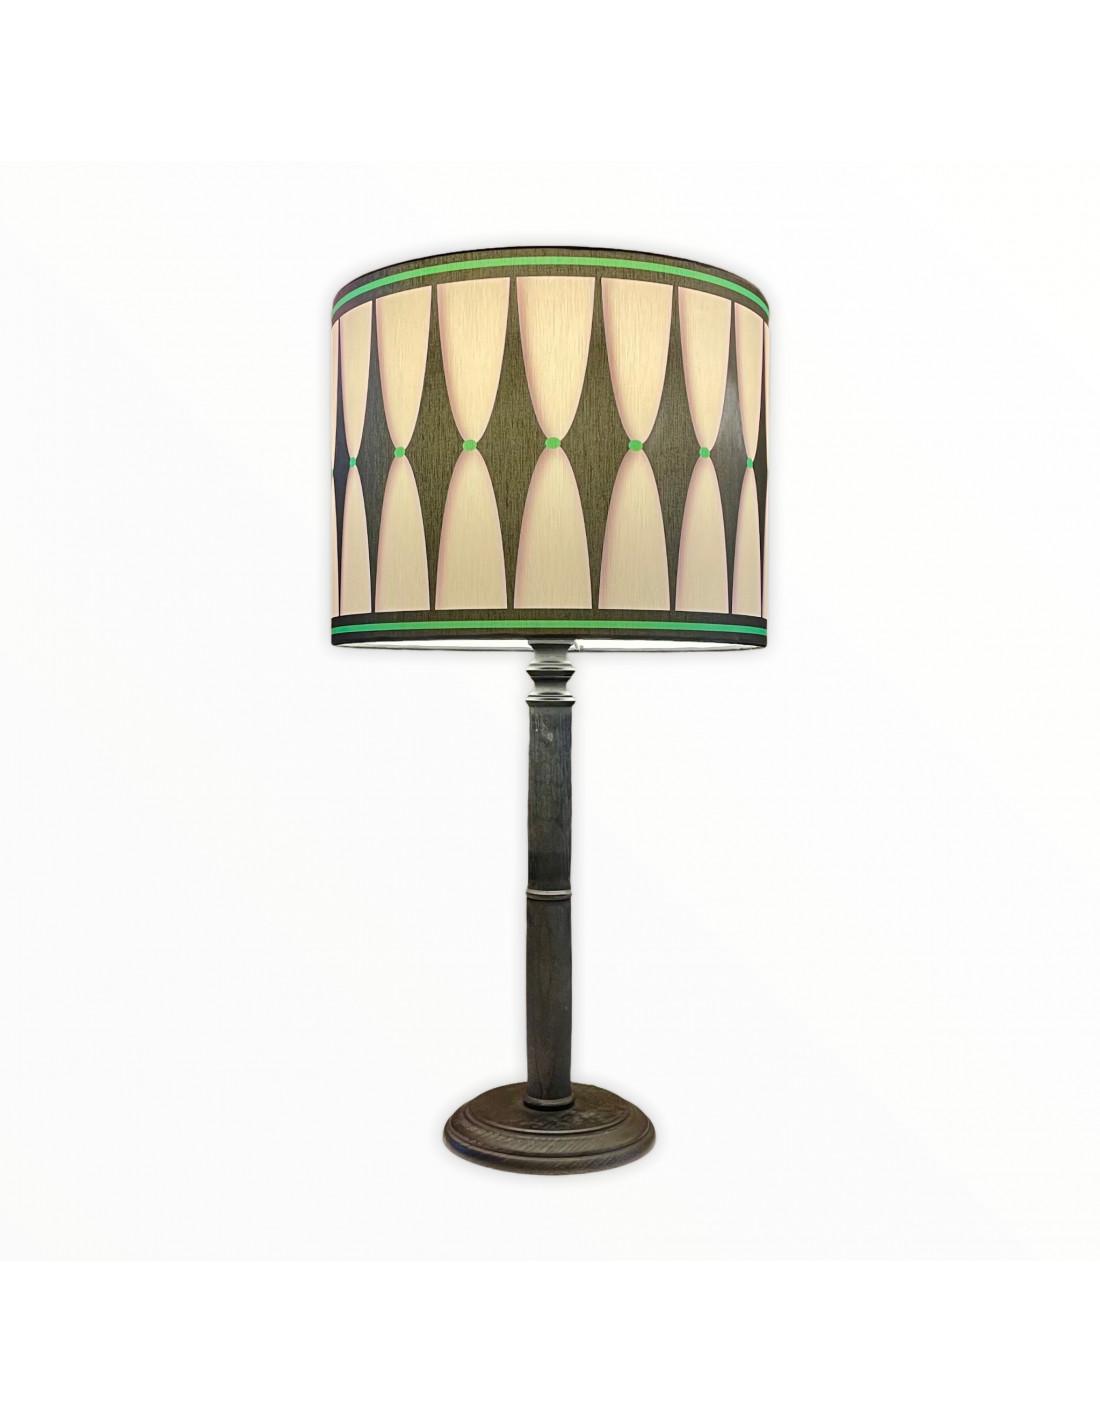 Lampe instant noir & vert d 25 cm